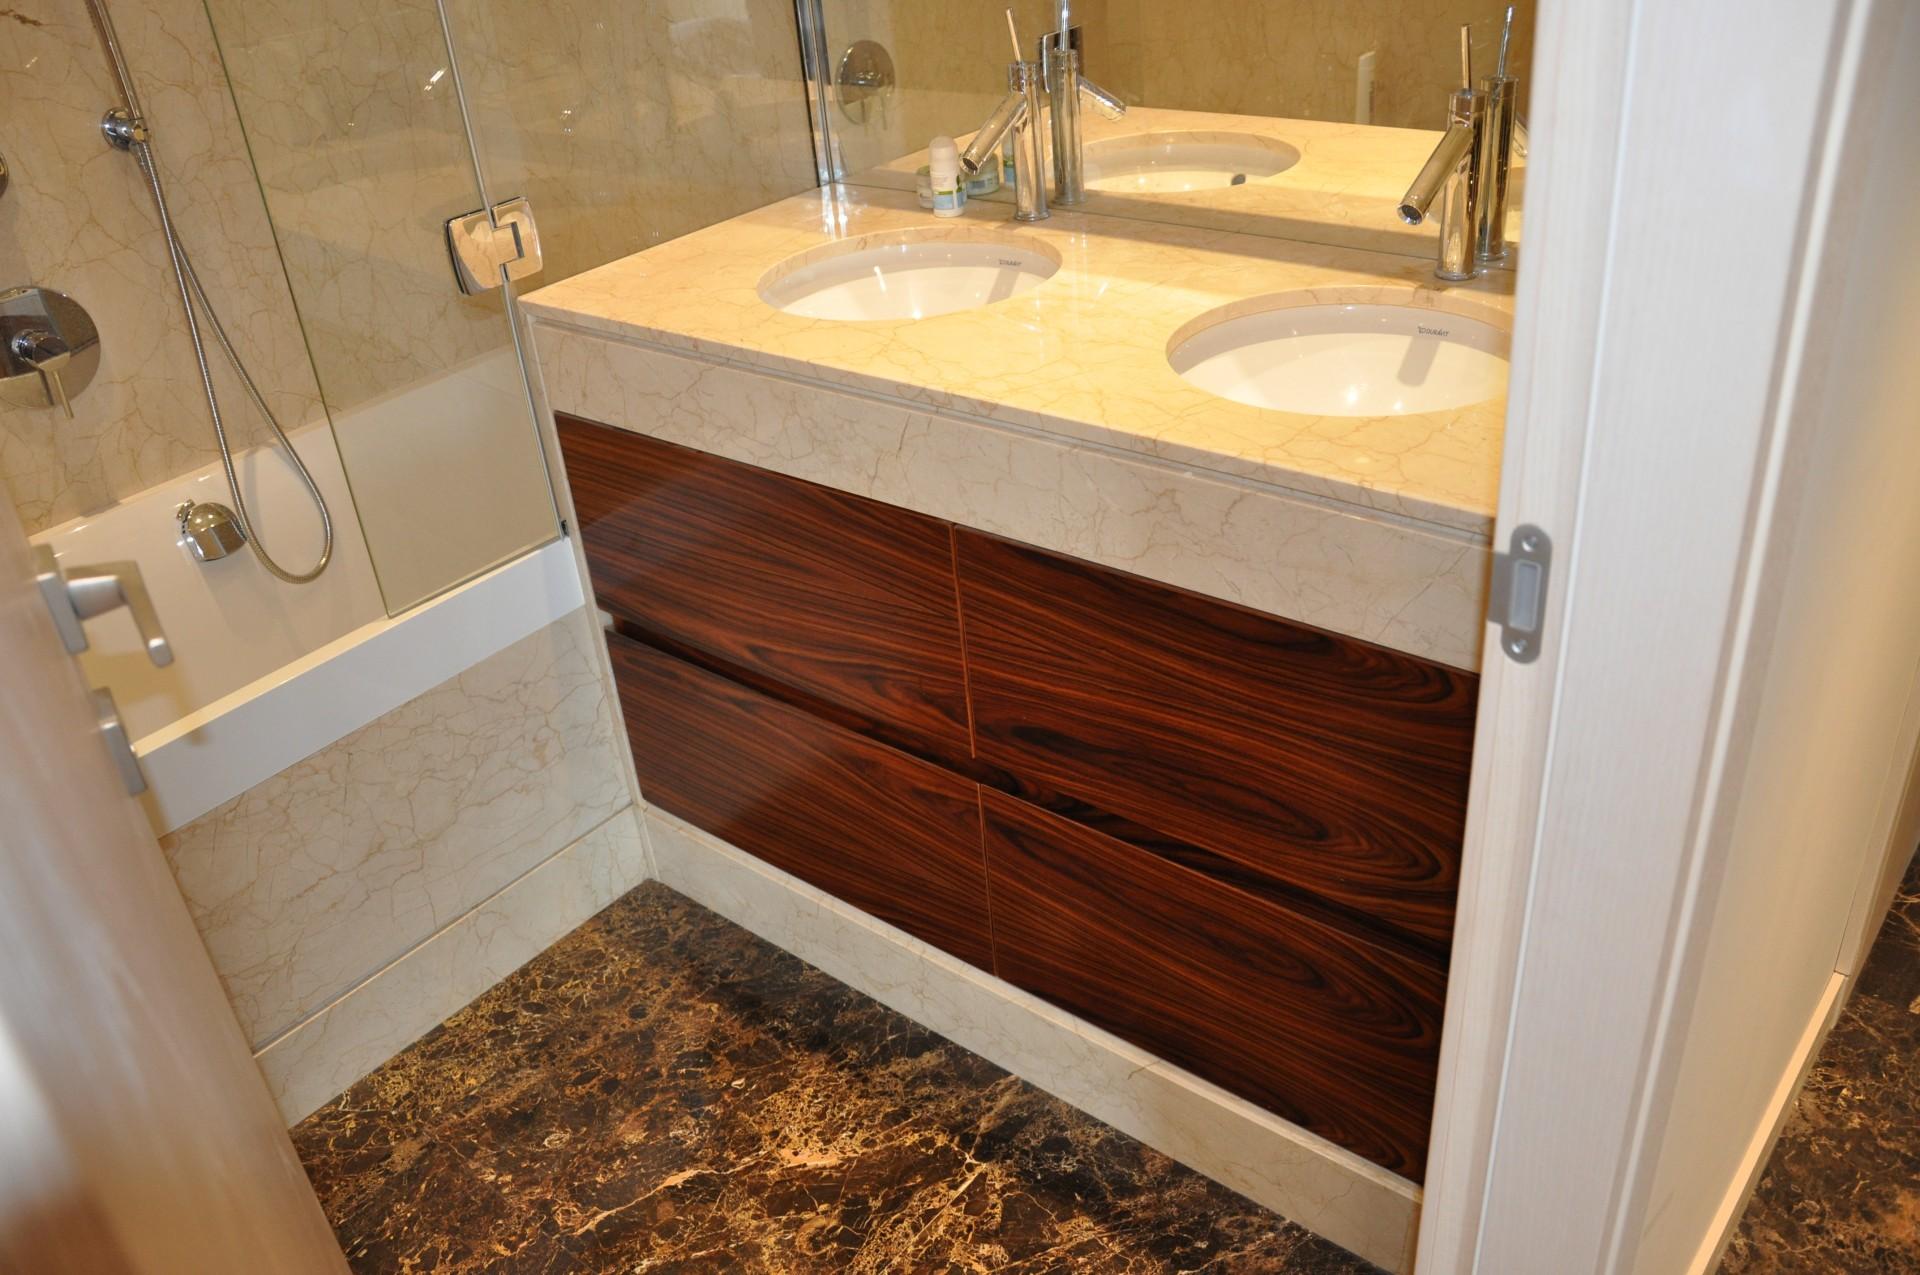 Mobiletti per il bagno copricolonna - Lavabo bagno marmo prezzi ...